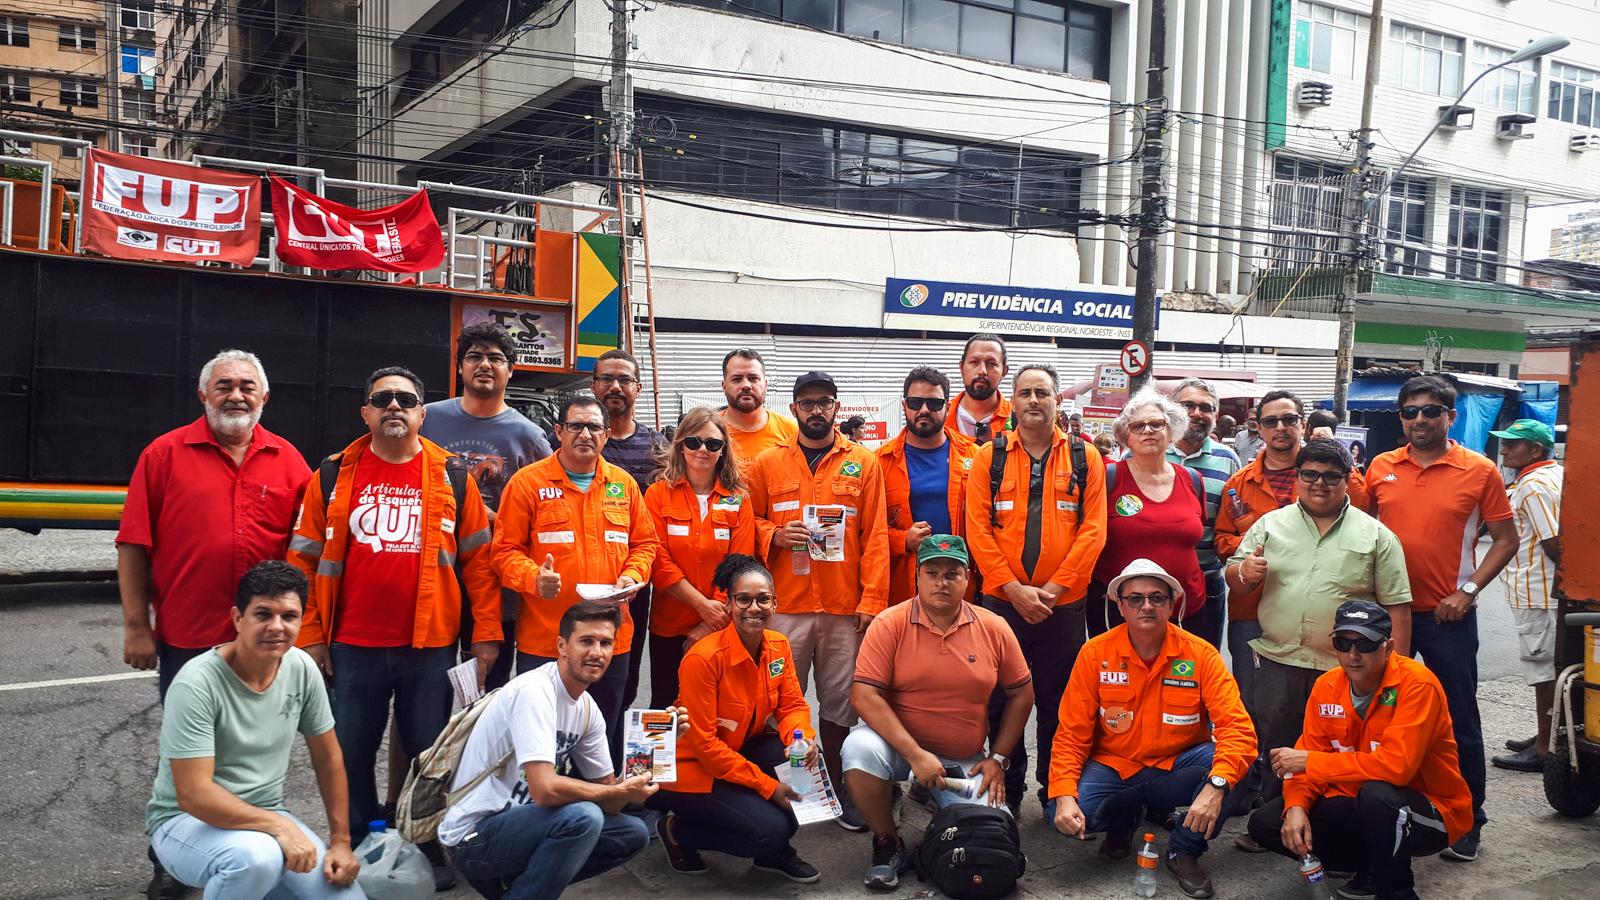 greve dos petroleiros (Crédito Inês Campelo/MZ Conteúdo)